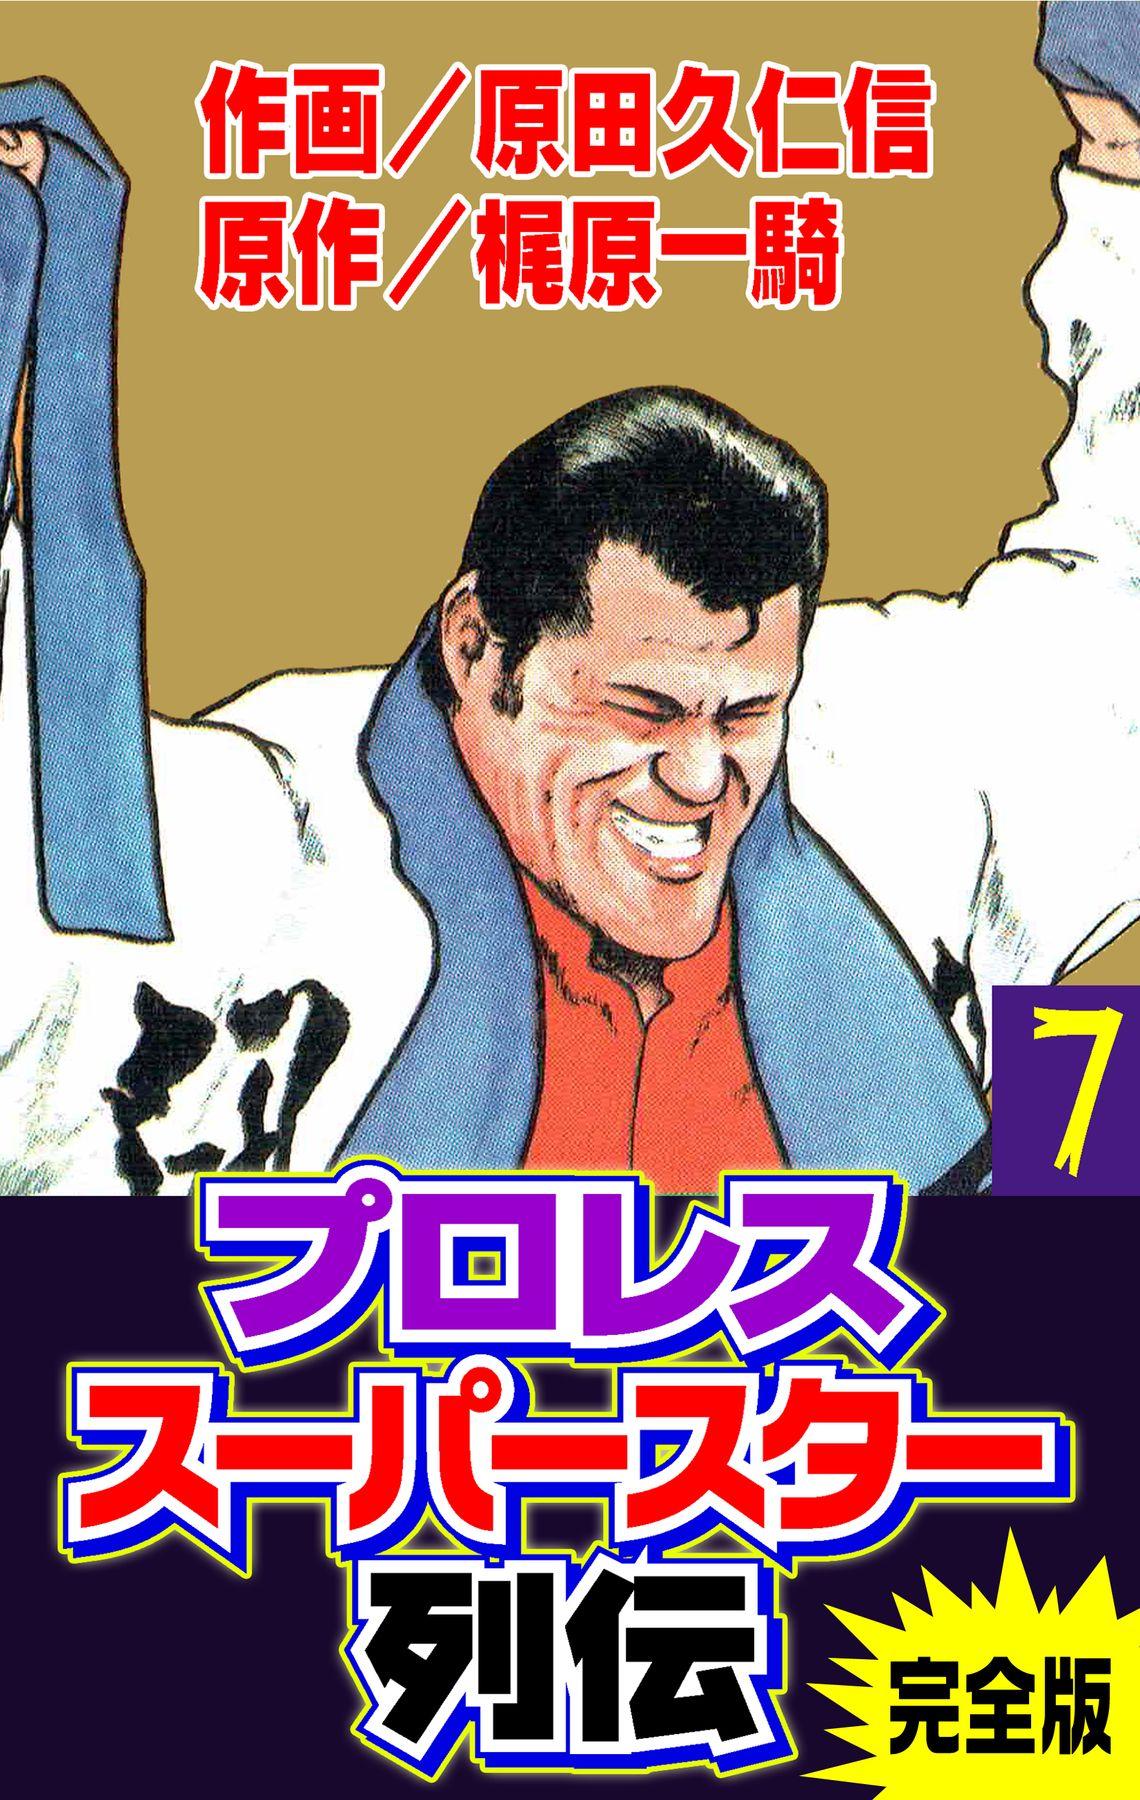 プロレススーパースター列伝【完全版】(第7巻)